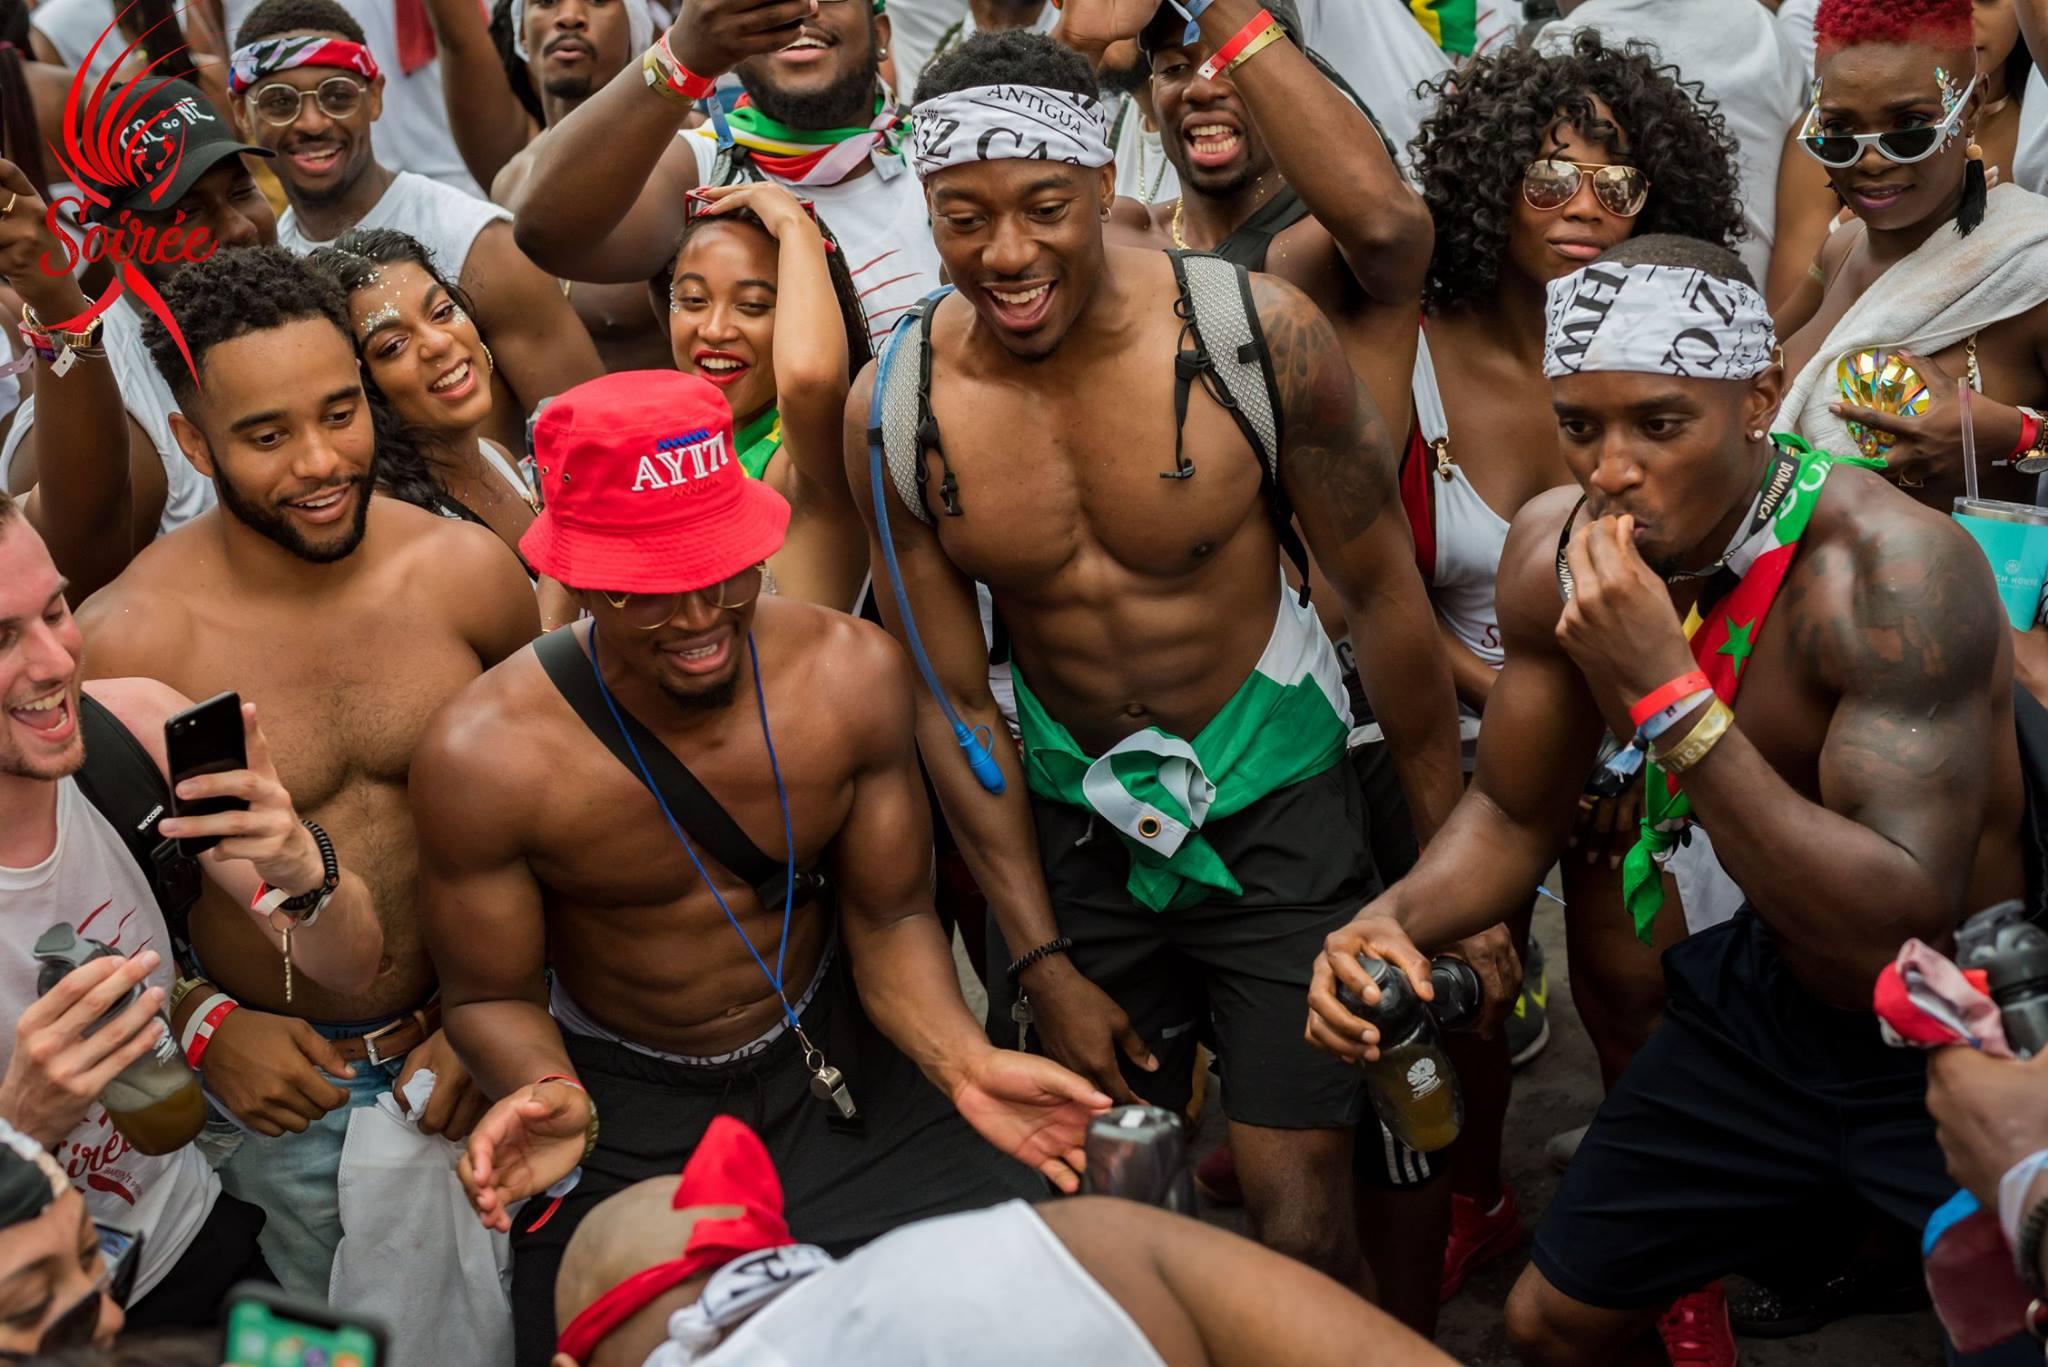 carnival8.jpg